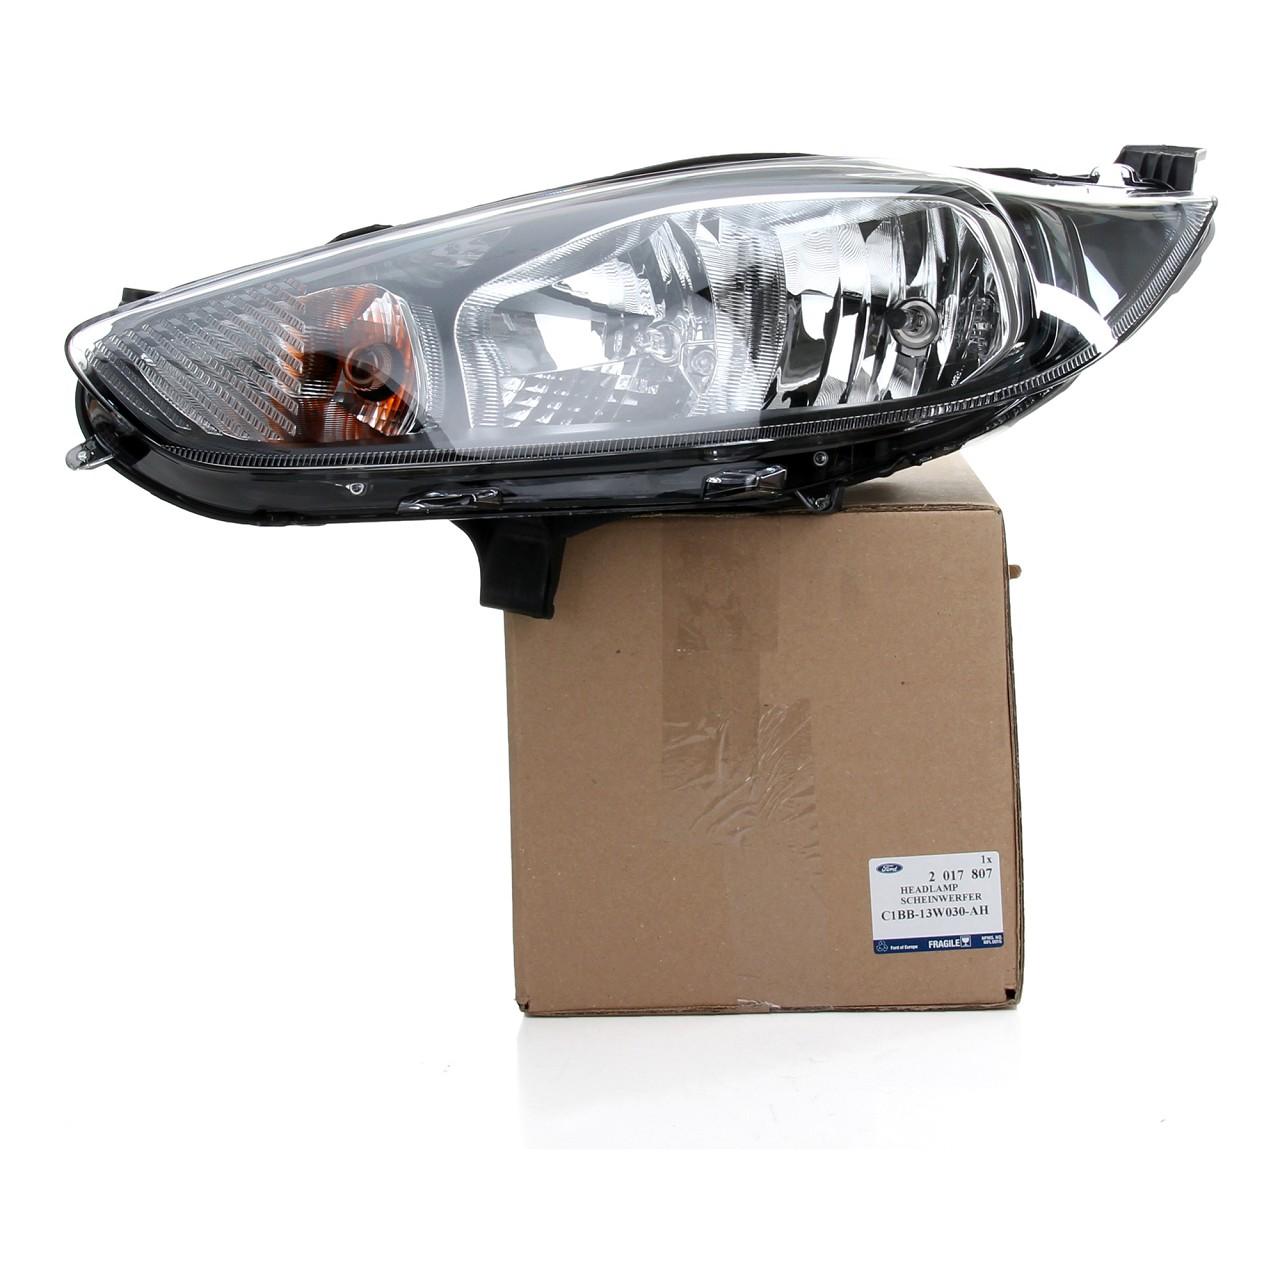 ORIGINAL Ford Scheinwerfer HALOGEN für FIESTA VI MK6 links 2126888